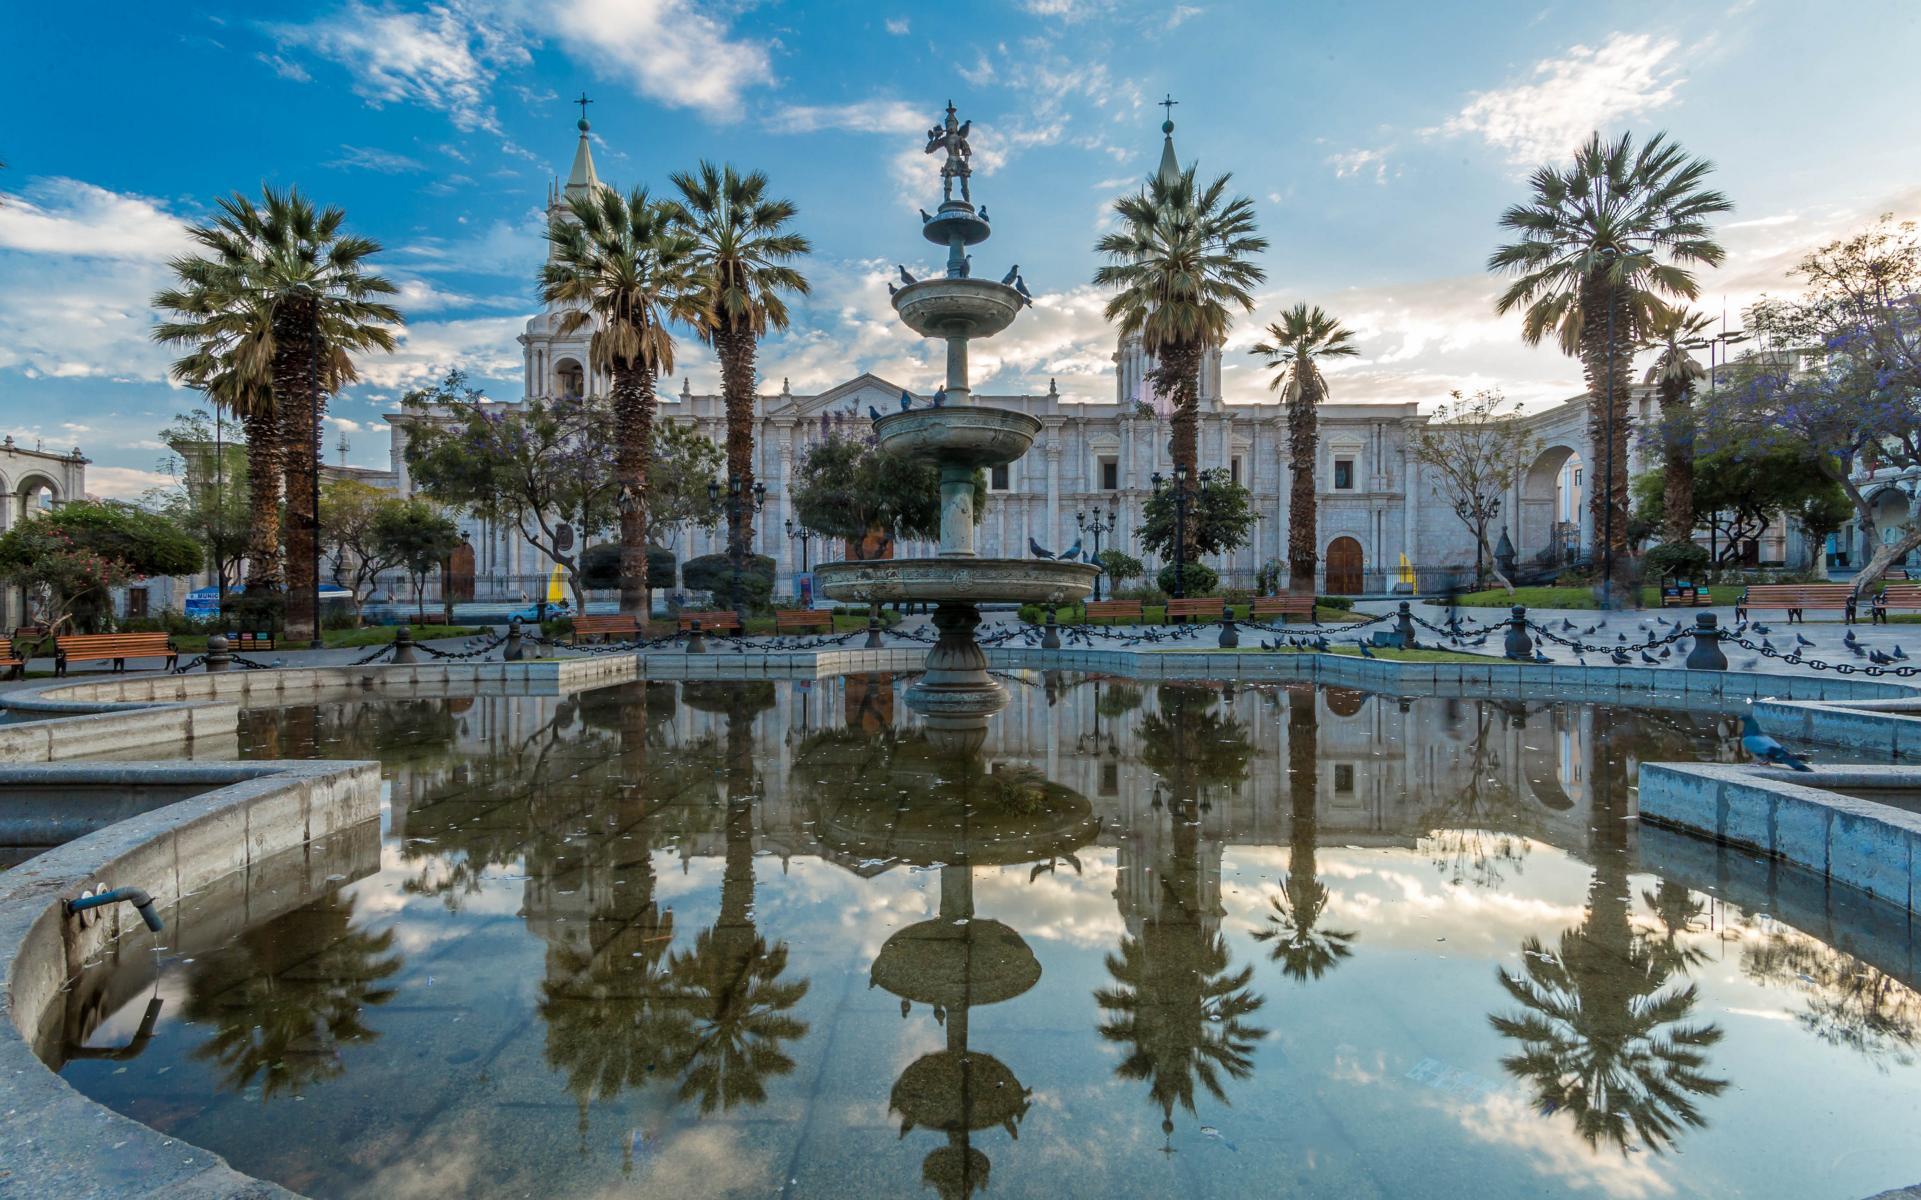 Rundreise - K1600_Arequipa-Peru-Main-Plaza-shutterstock_534691549.jpg